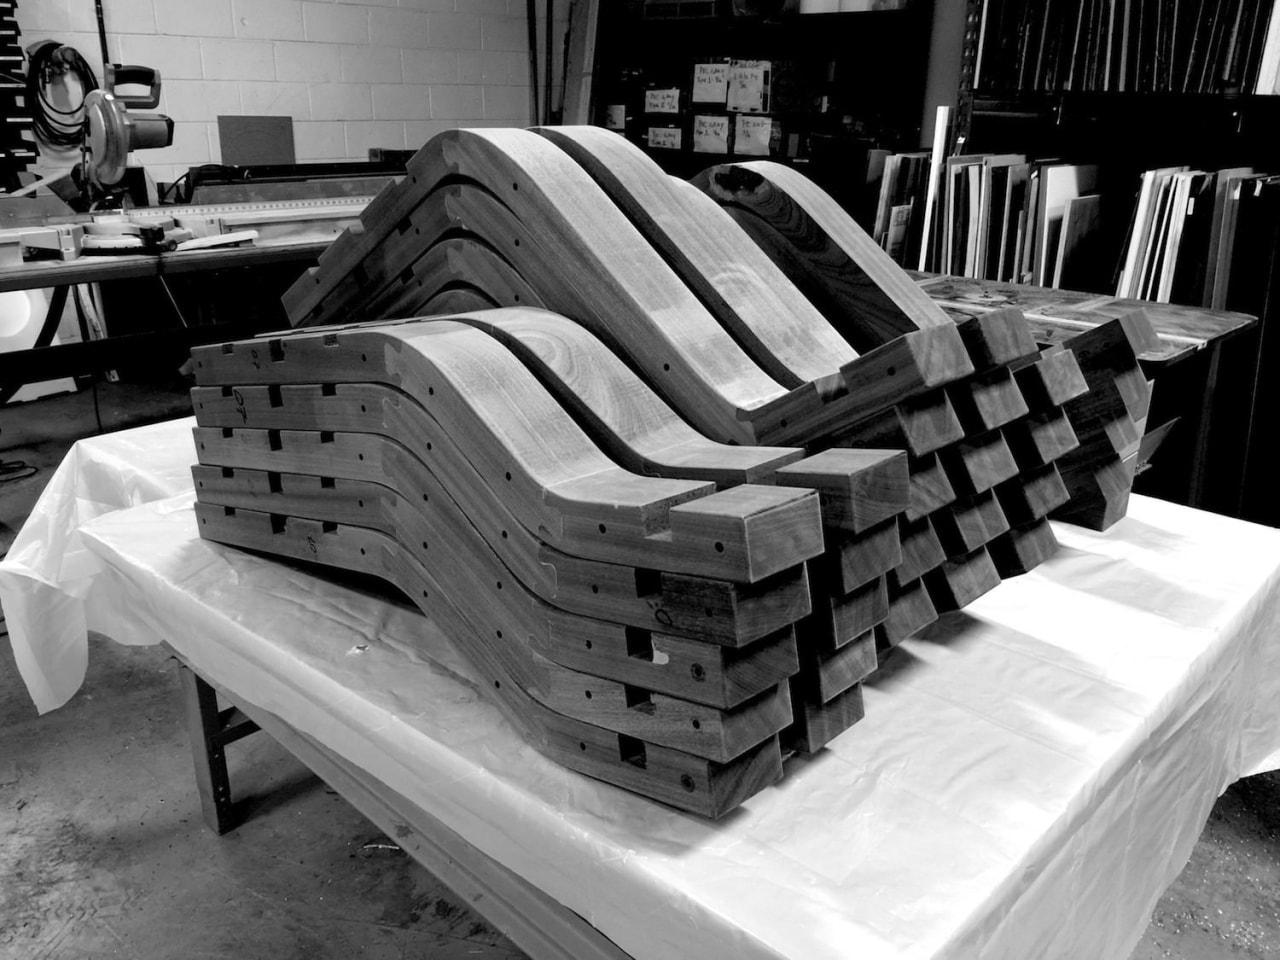 Architect: J.Roc Design architecture, black, black and white, chair, design, furniture, monochrome, monochrome photography, photography, product design, table, black, gray, white